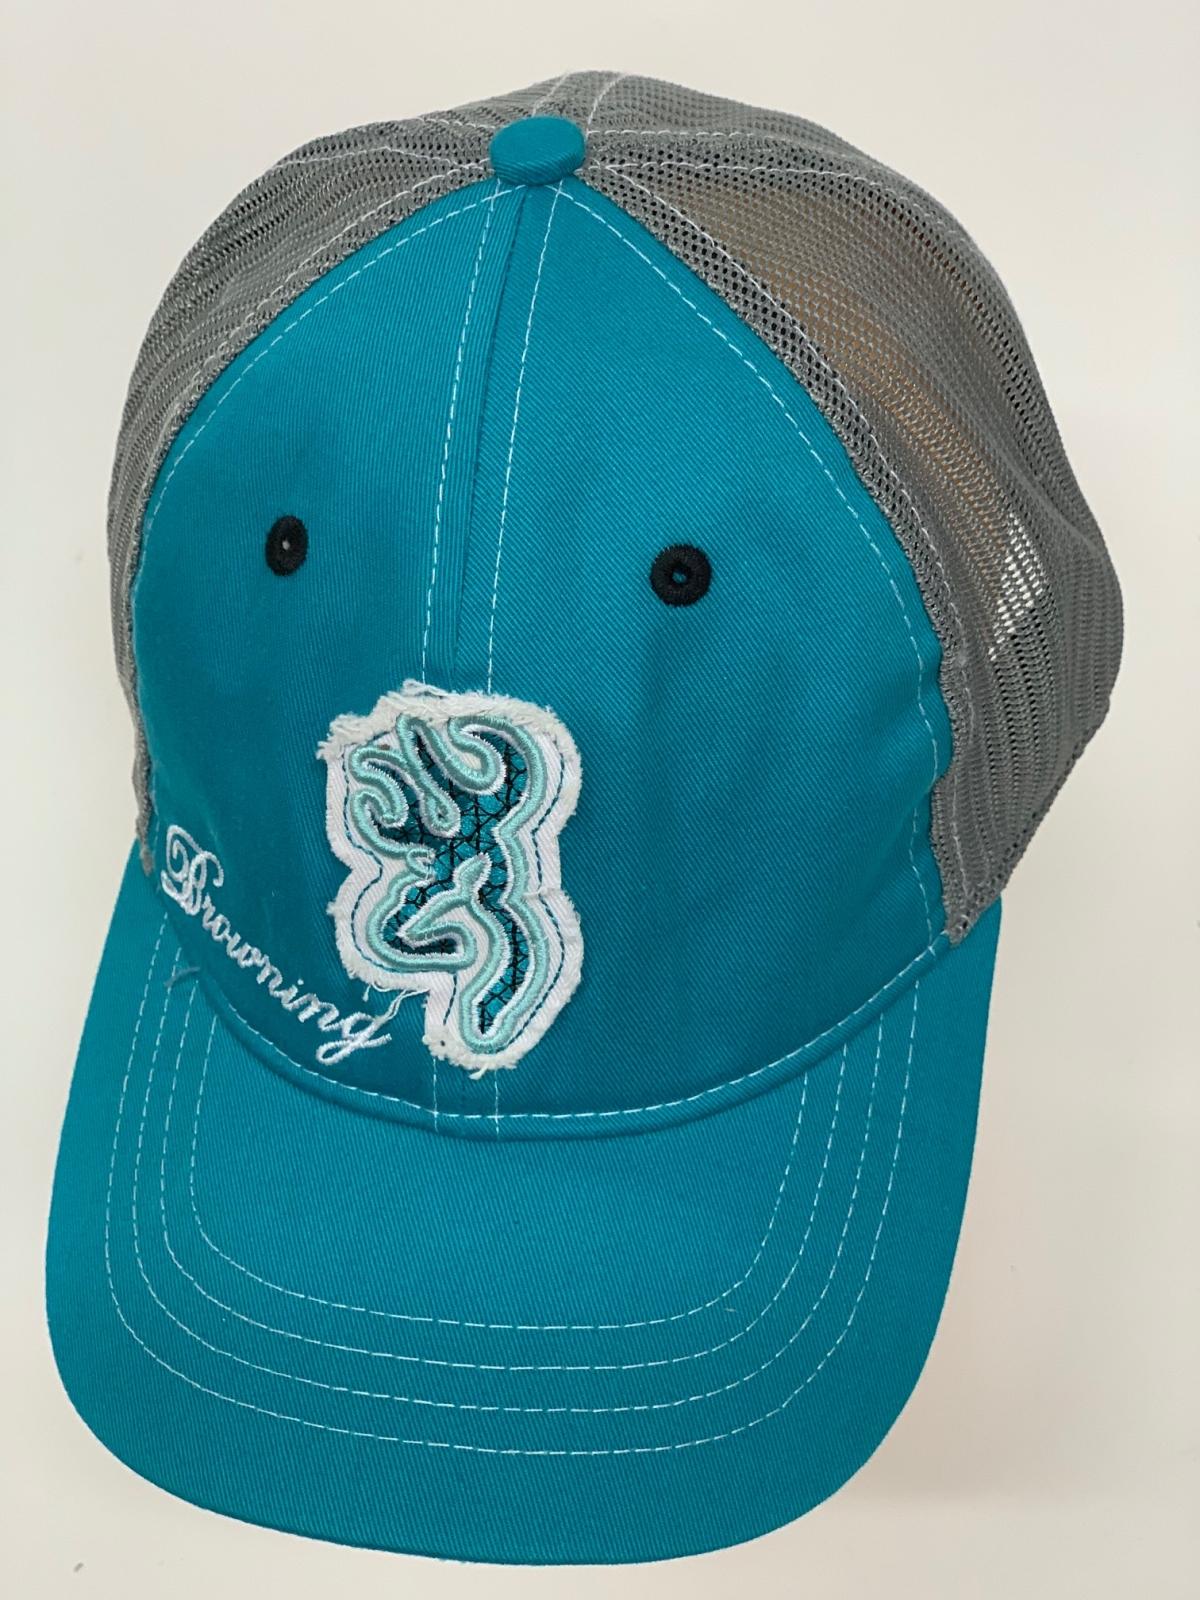 Бейсболка Browning голубого цвета с серой сеткой